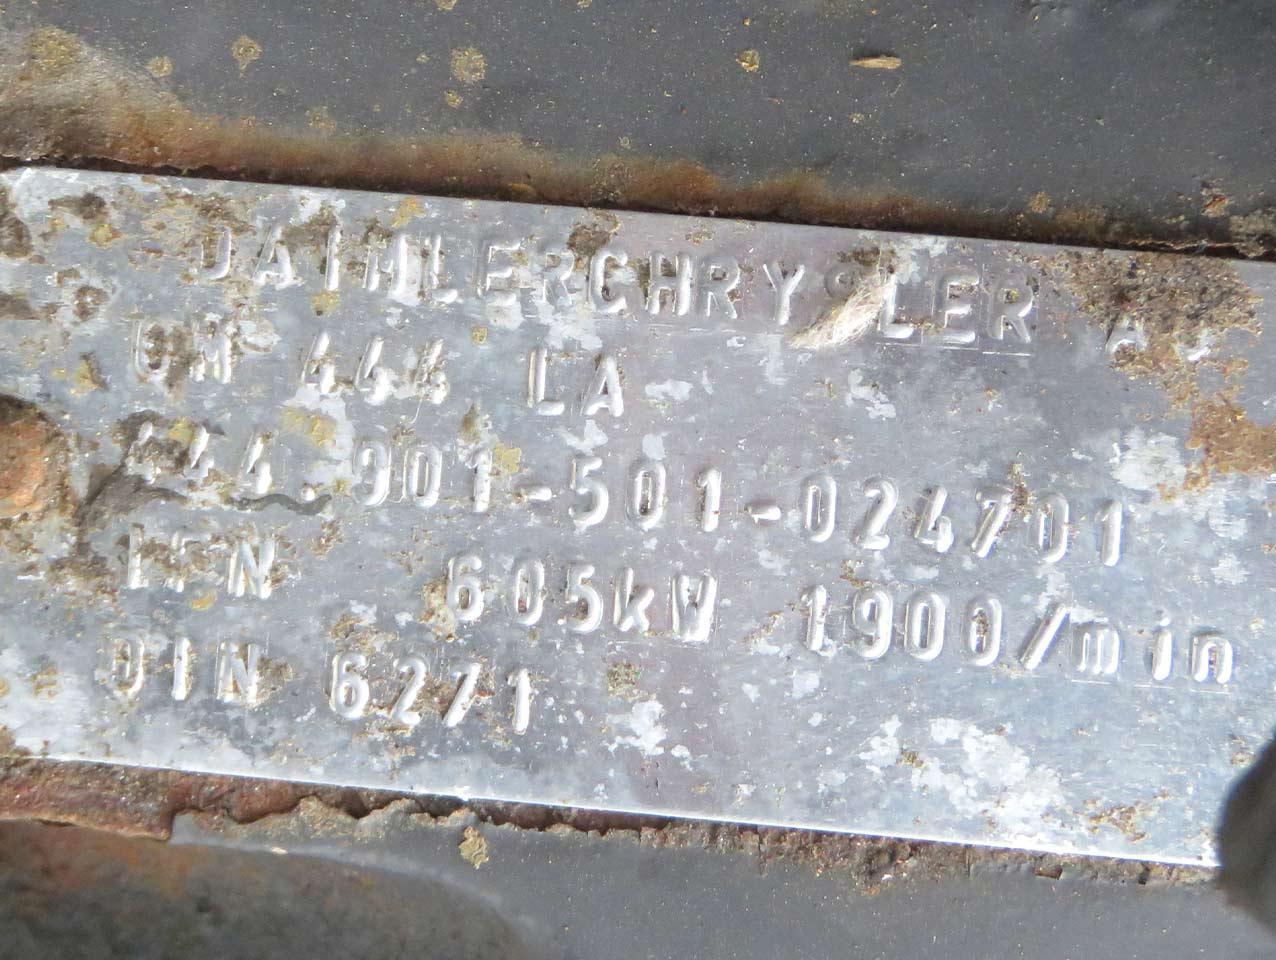 MERCEDES BENZ OM 444 LA V12 cylinder nameplate